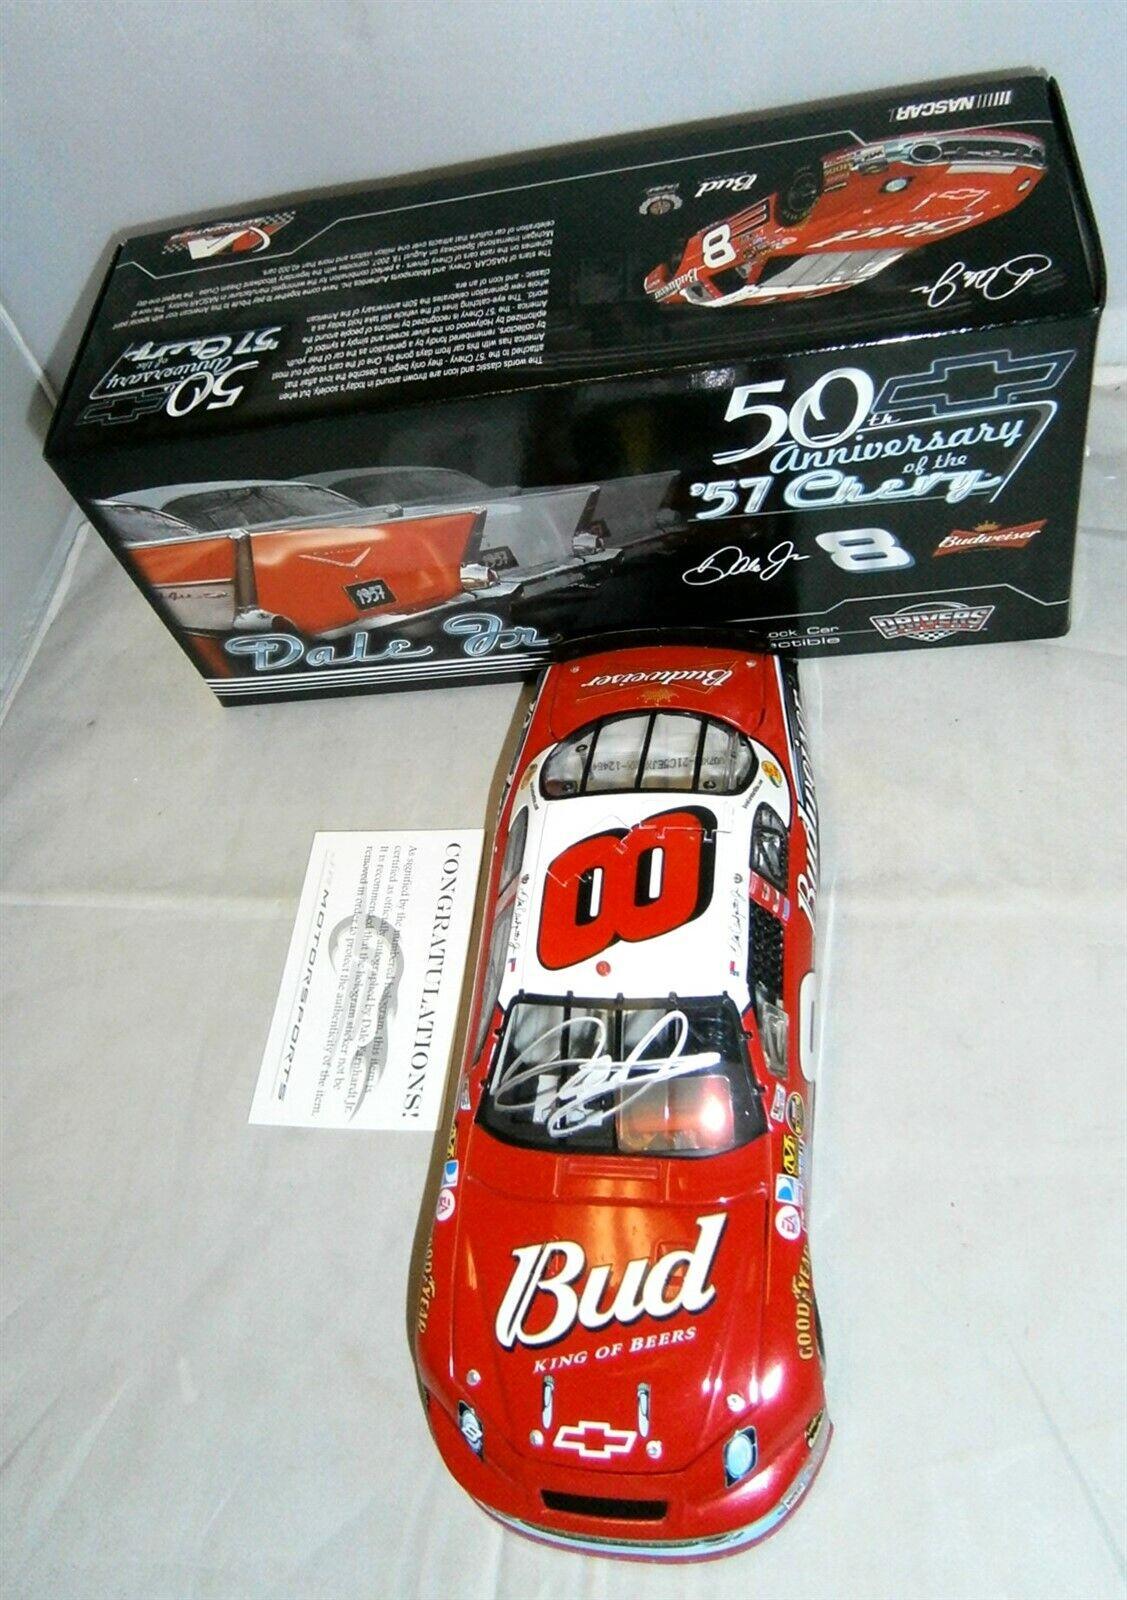 tomamos a los clientes como nuestro dios 1 24 acción acción acción 2007  8 Budweiser 1957 Chevy Dale Earnhardt Jr autografiada Holograma  mejor marca